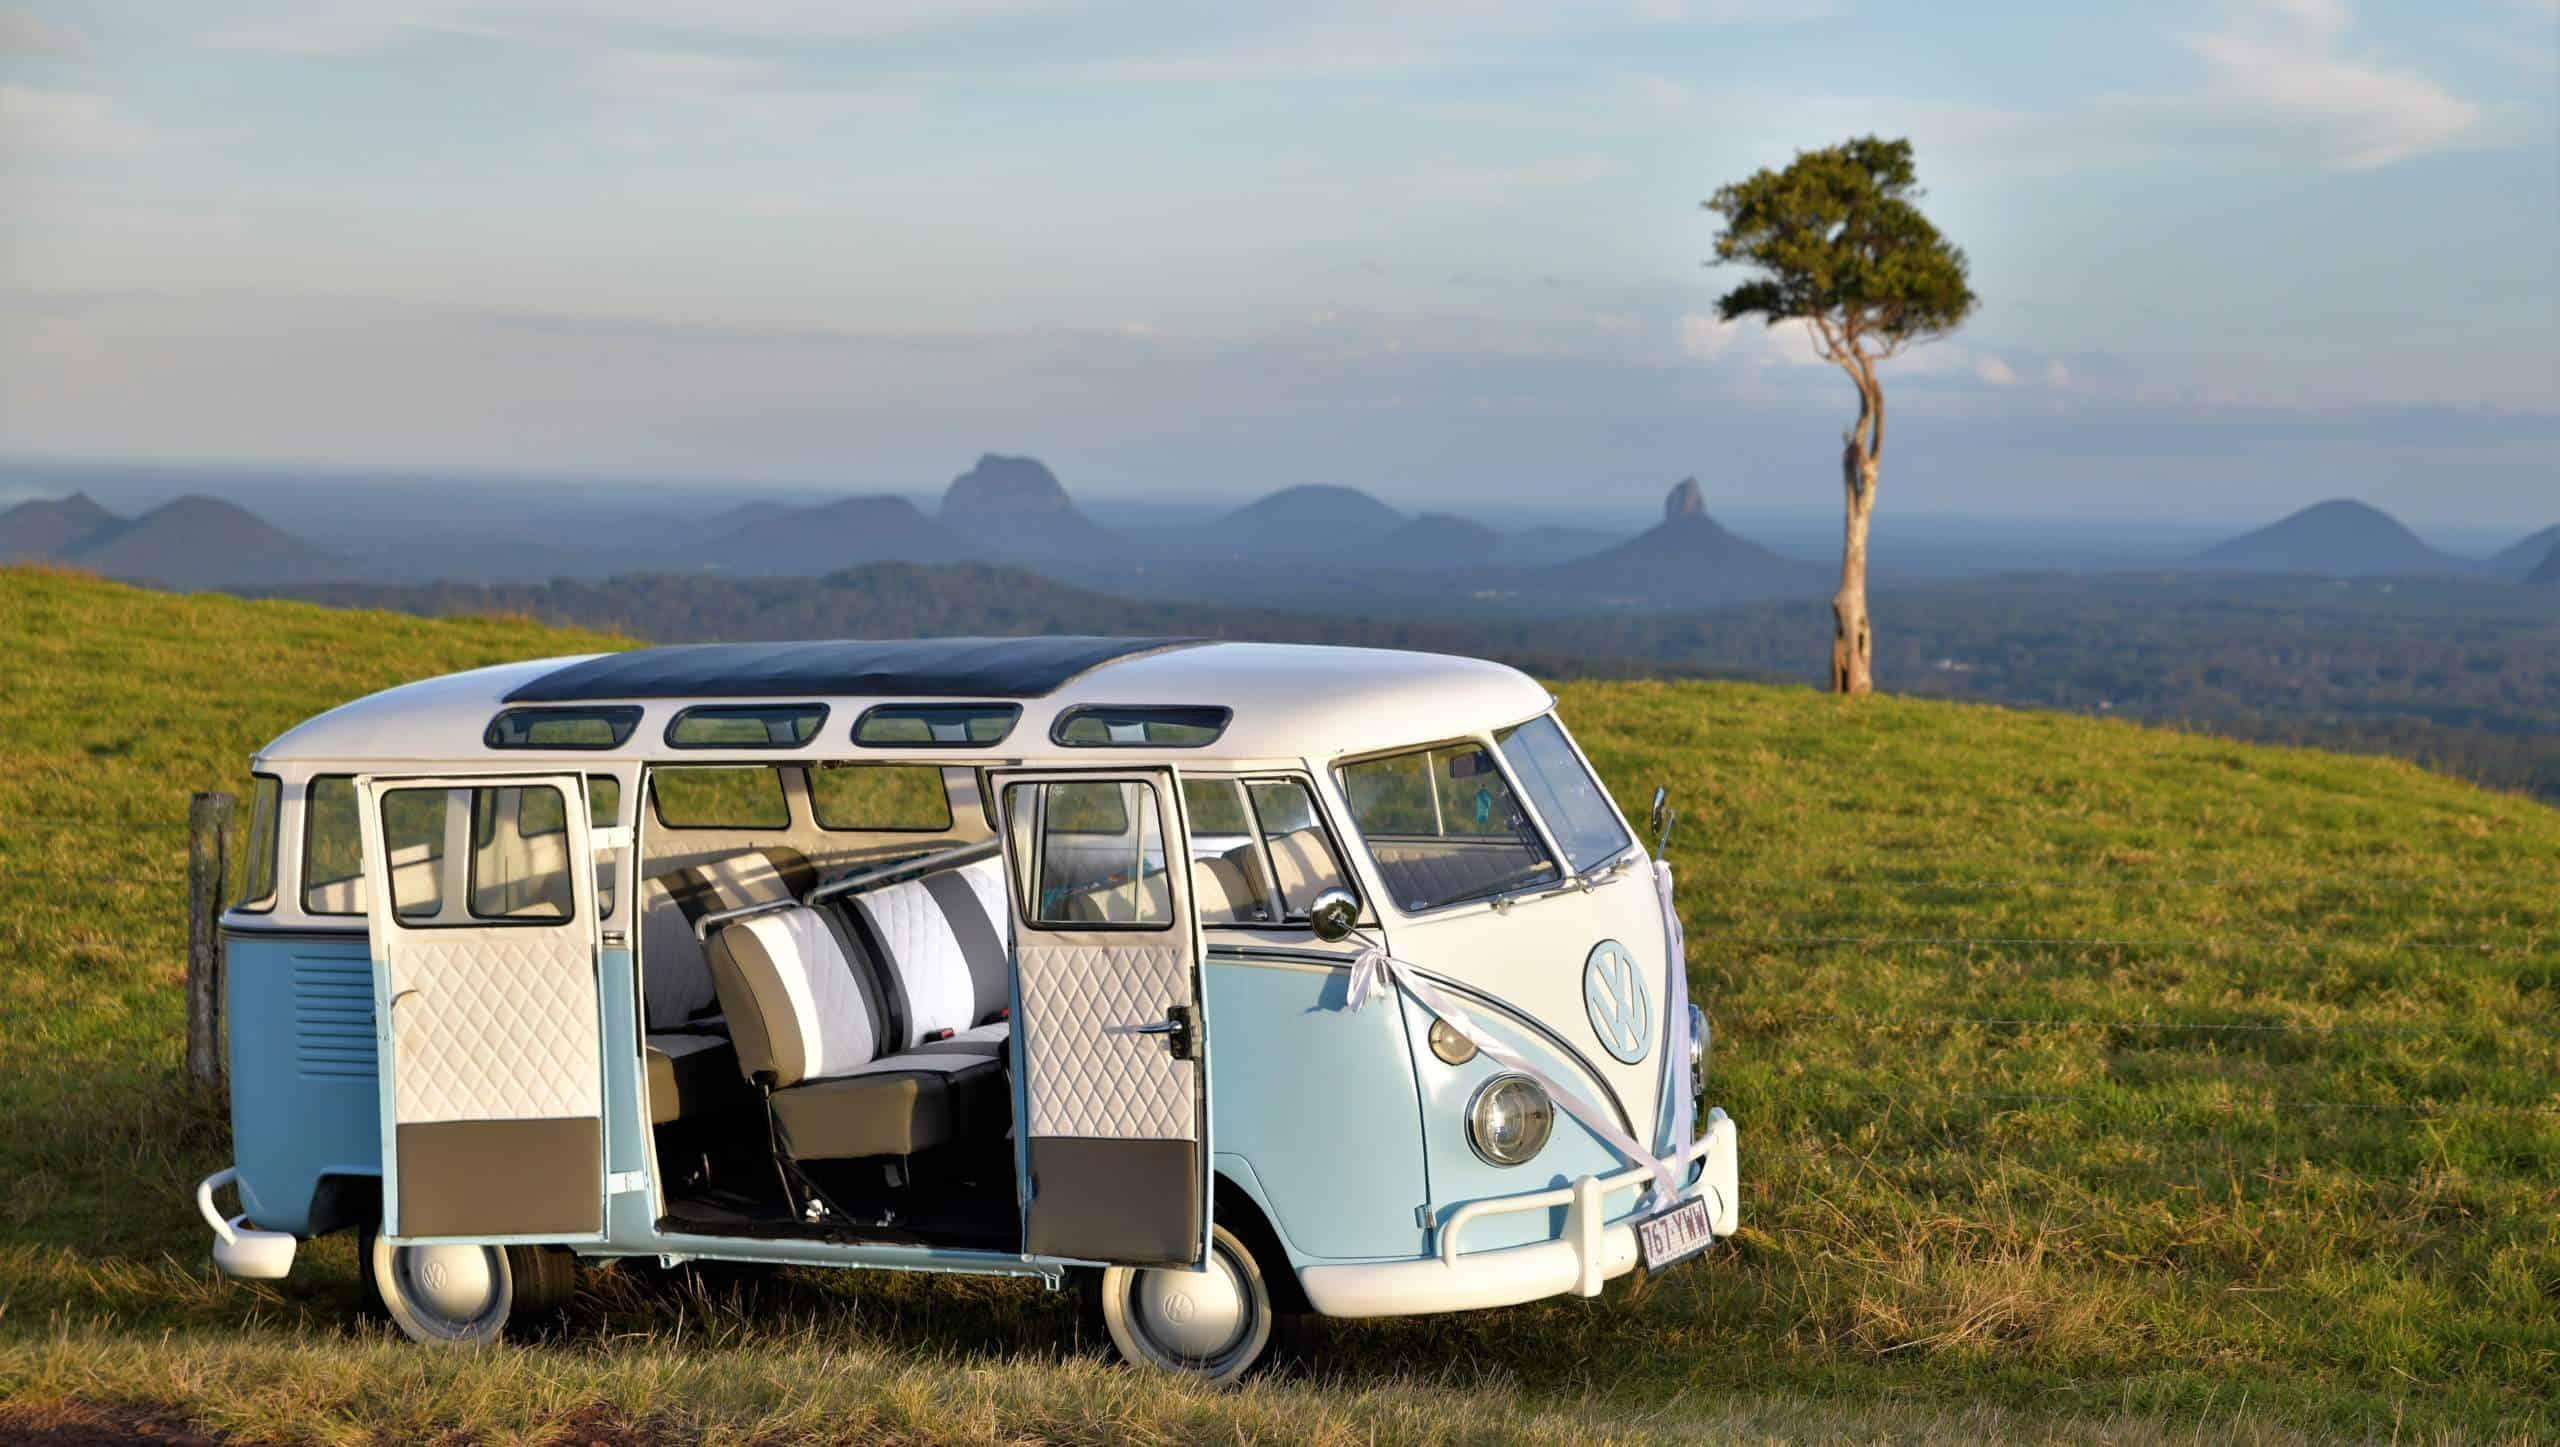 Kombi van on the sunshine coast mountaintops